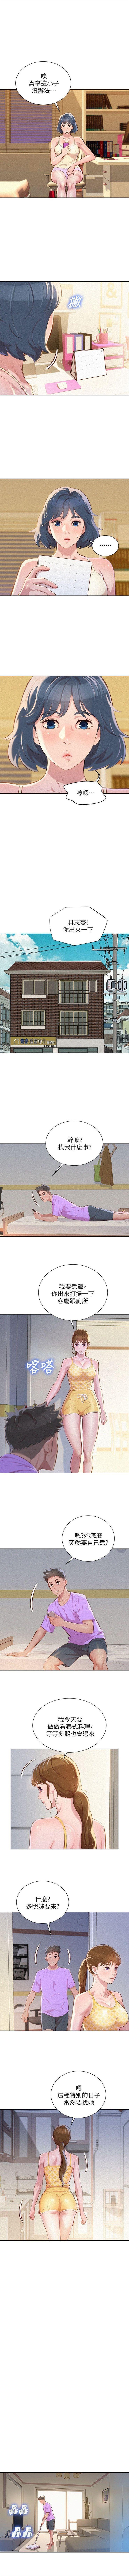 (周7)漂亮干姐姐  1-81 中文翻译 (更新中) 233